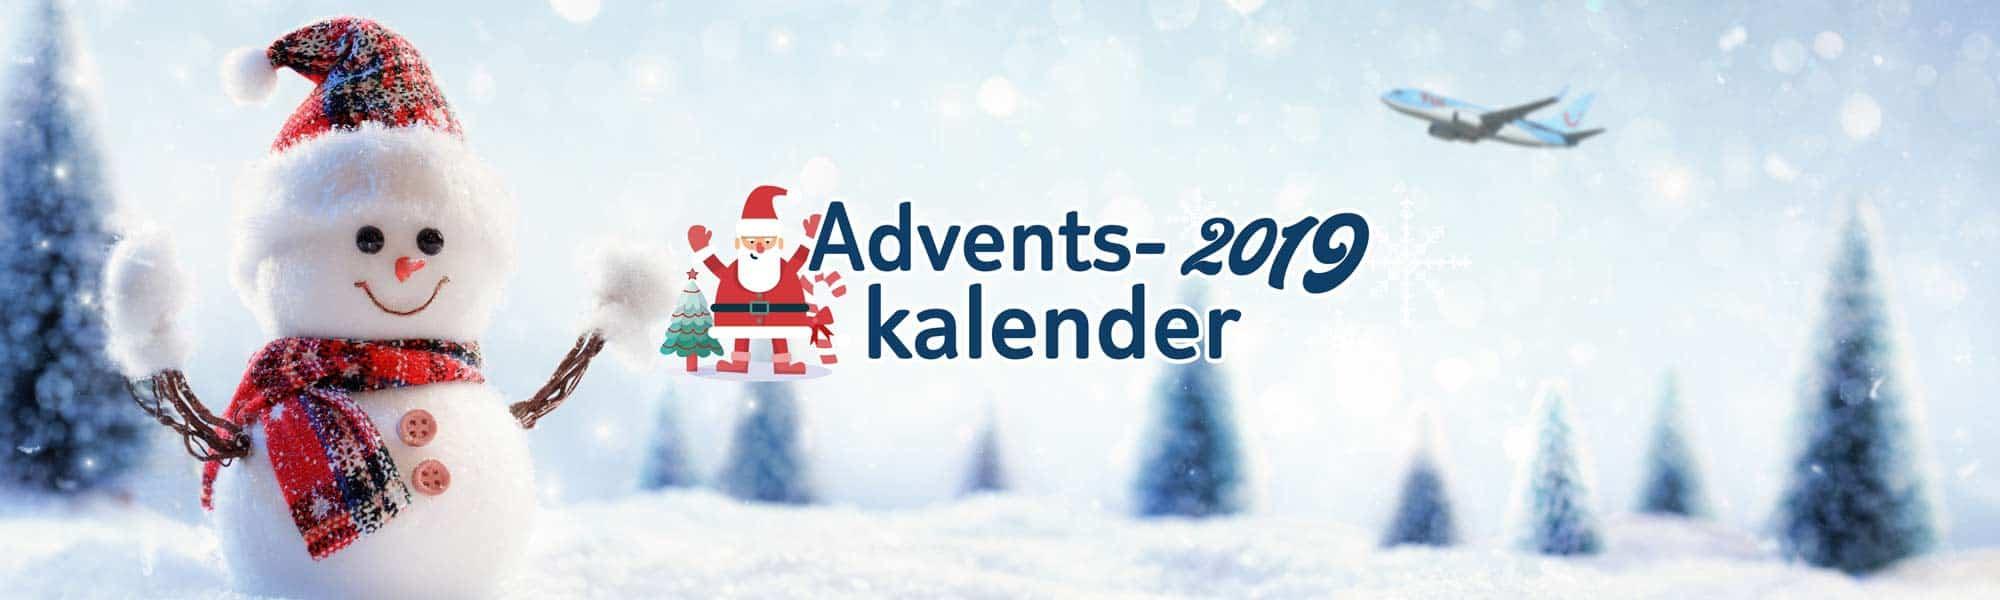 Adventskalender 2019 – mach mit und gewinne tolle Preise!